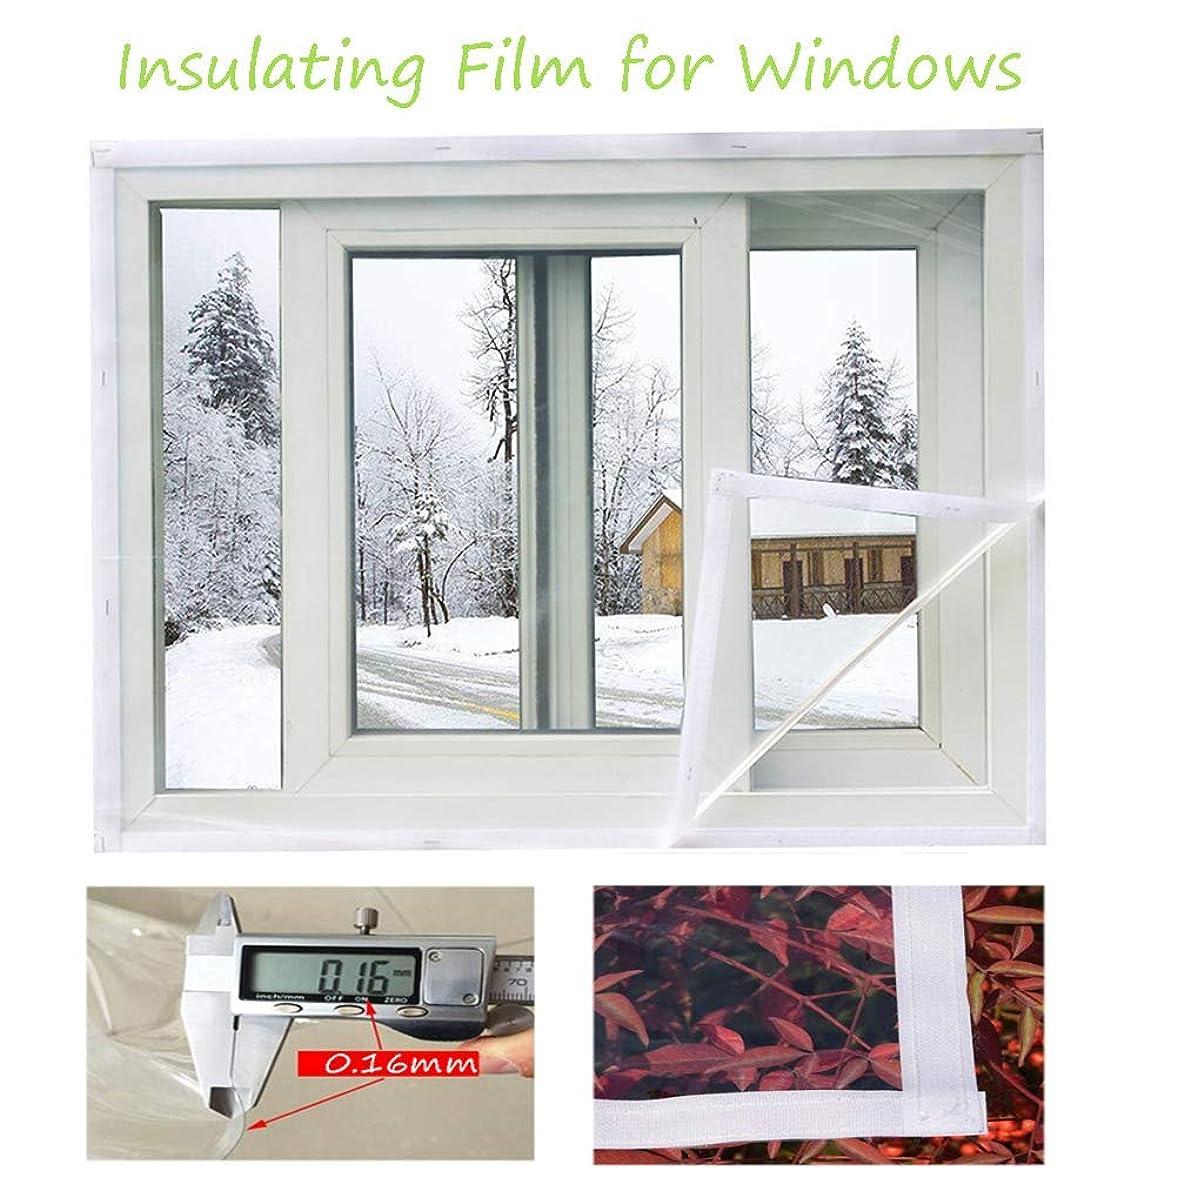 確実樹木期待するSHIJINHAO 防水シート、サーモカバー 窓絶縁フィルム 高い透明性 窓用絶縁フィルム シュリンクフィルム絶縁体 ホワイトマジックテープ 環境に優しいEVA、19サイズ (Color : Clear, Size : 1.5X1M)